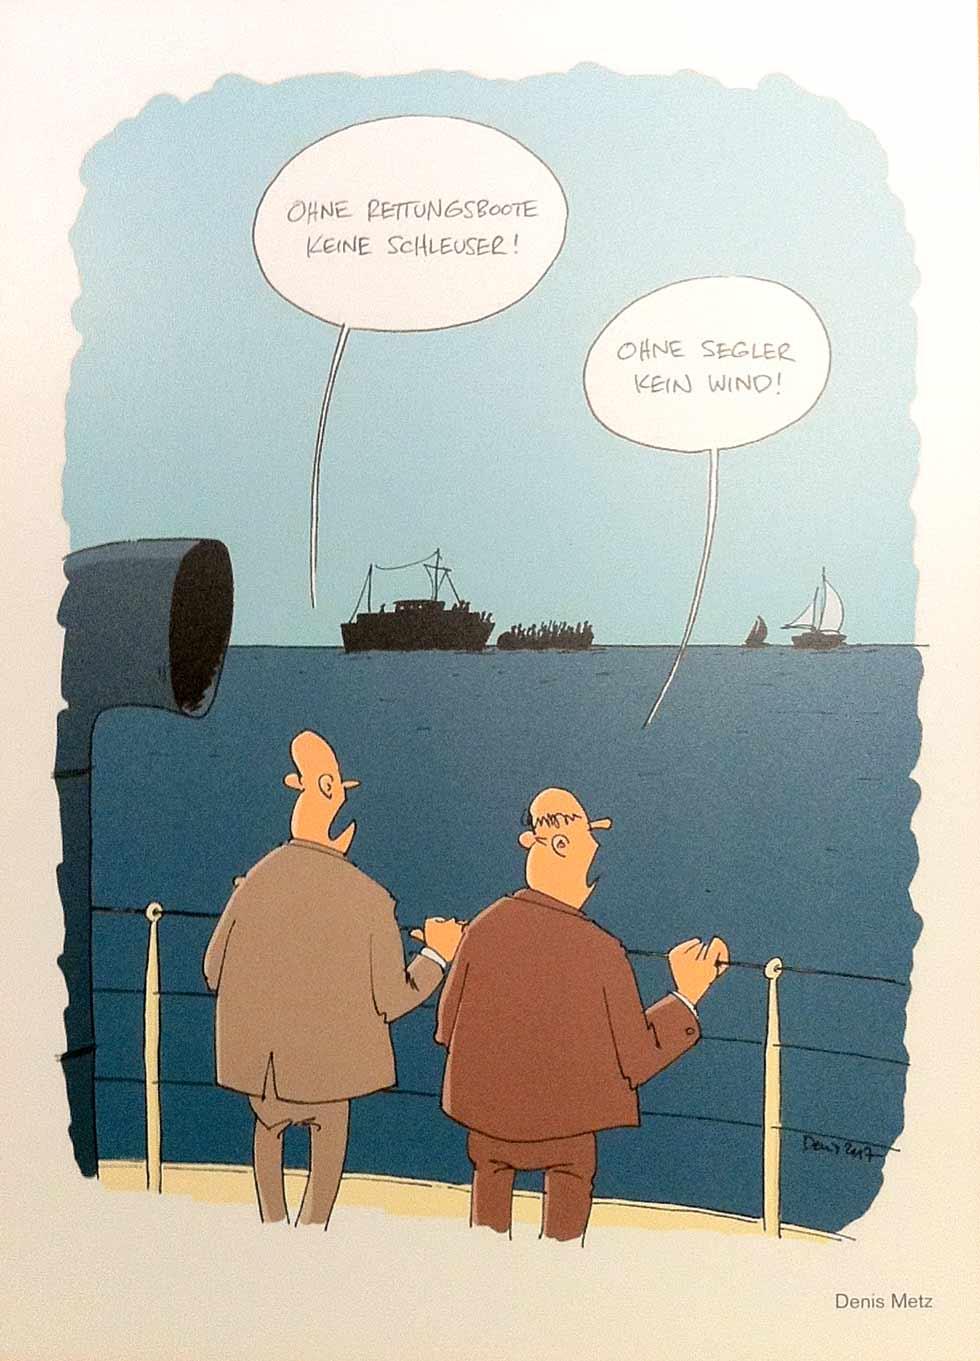 caricatura7-denis_metz-ohne-segler-kein-wind